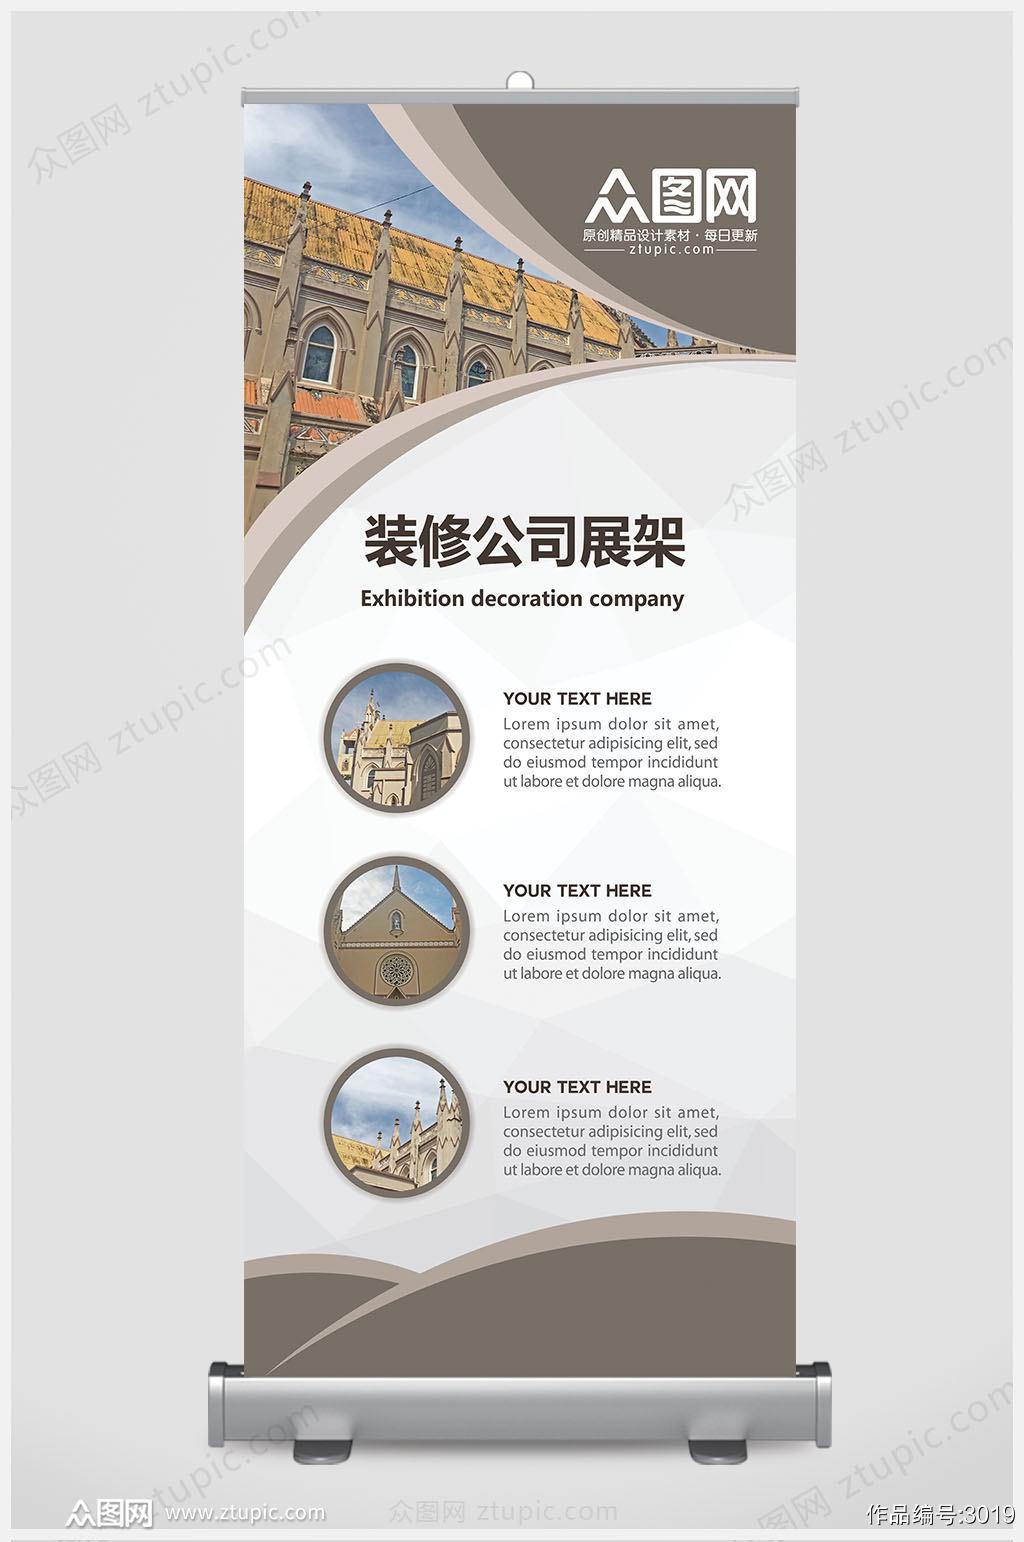 装修公司促销易拉宝丽屏展架设计模板素材